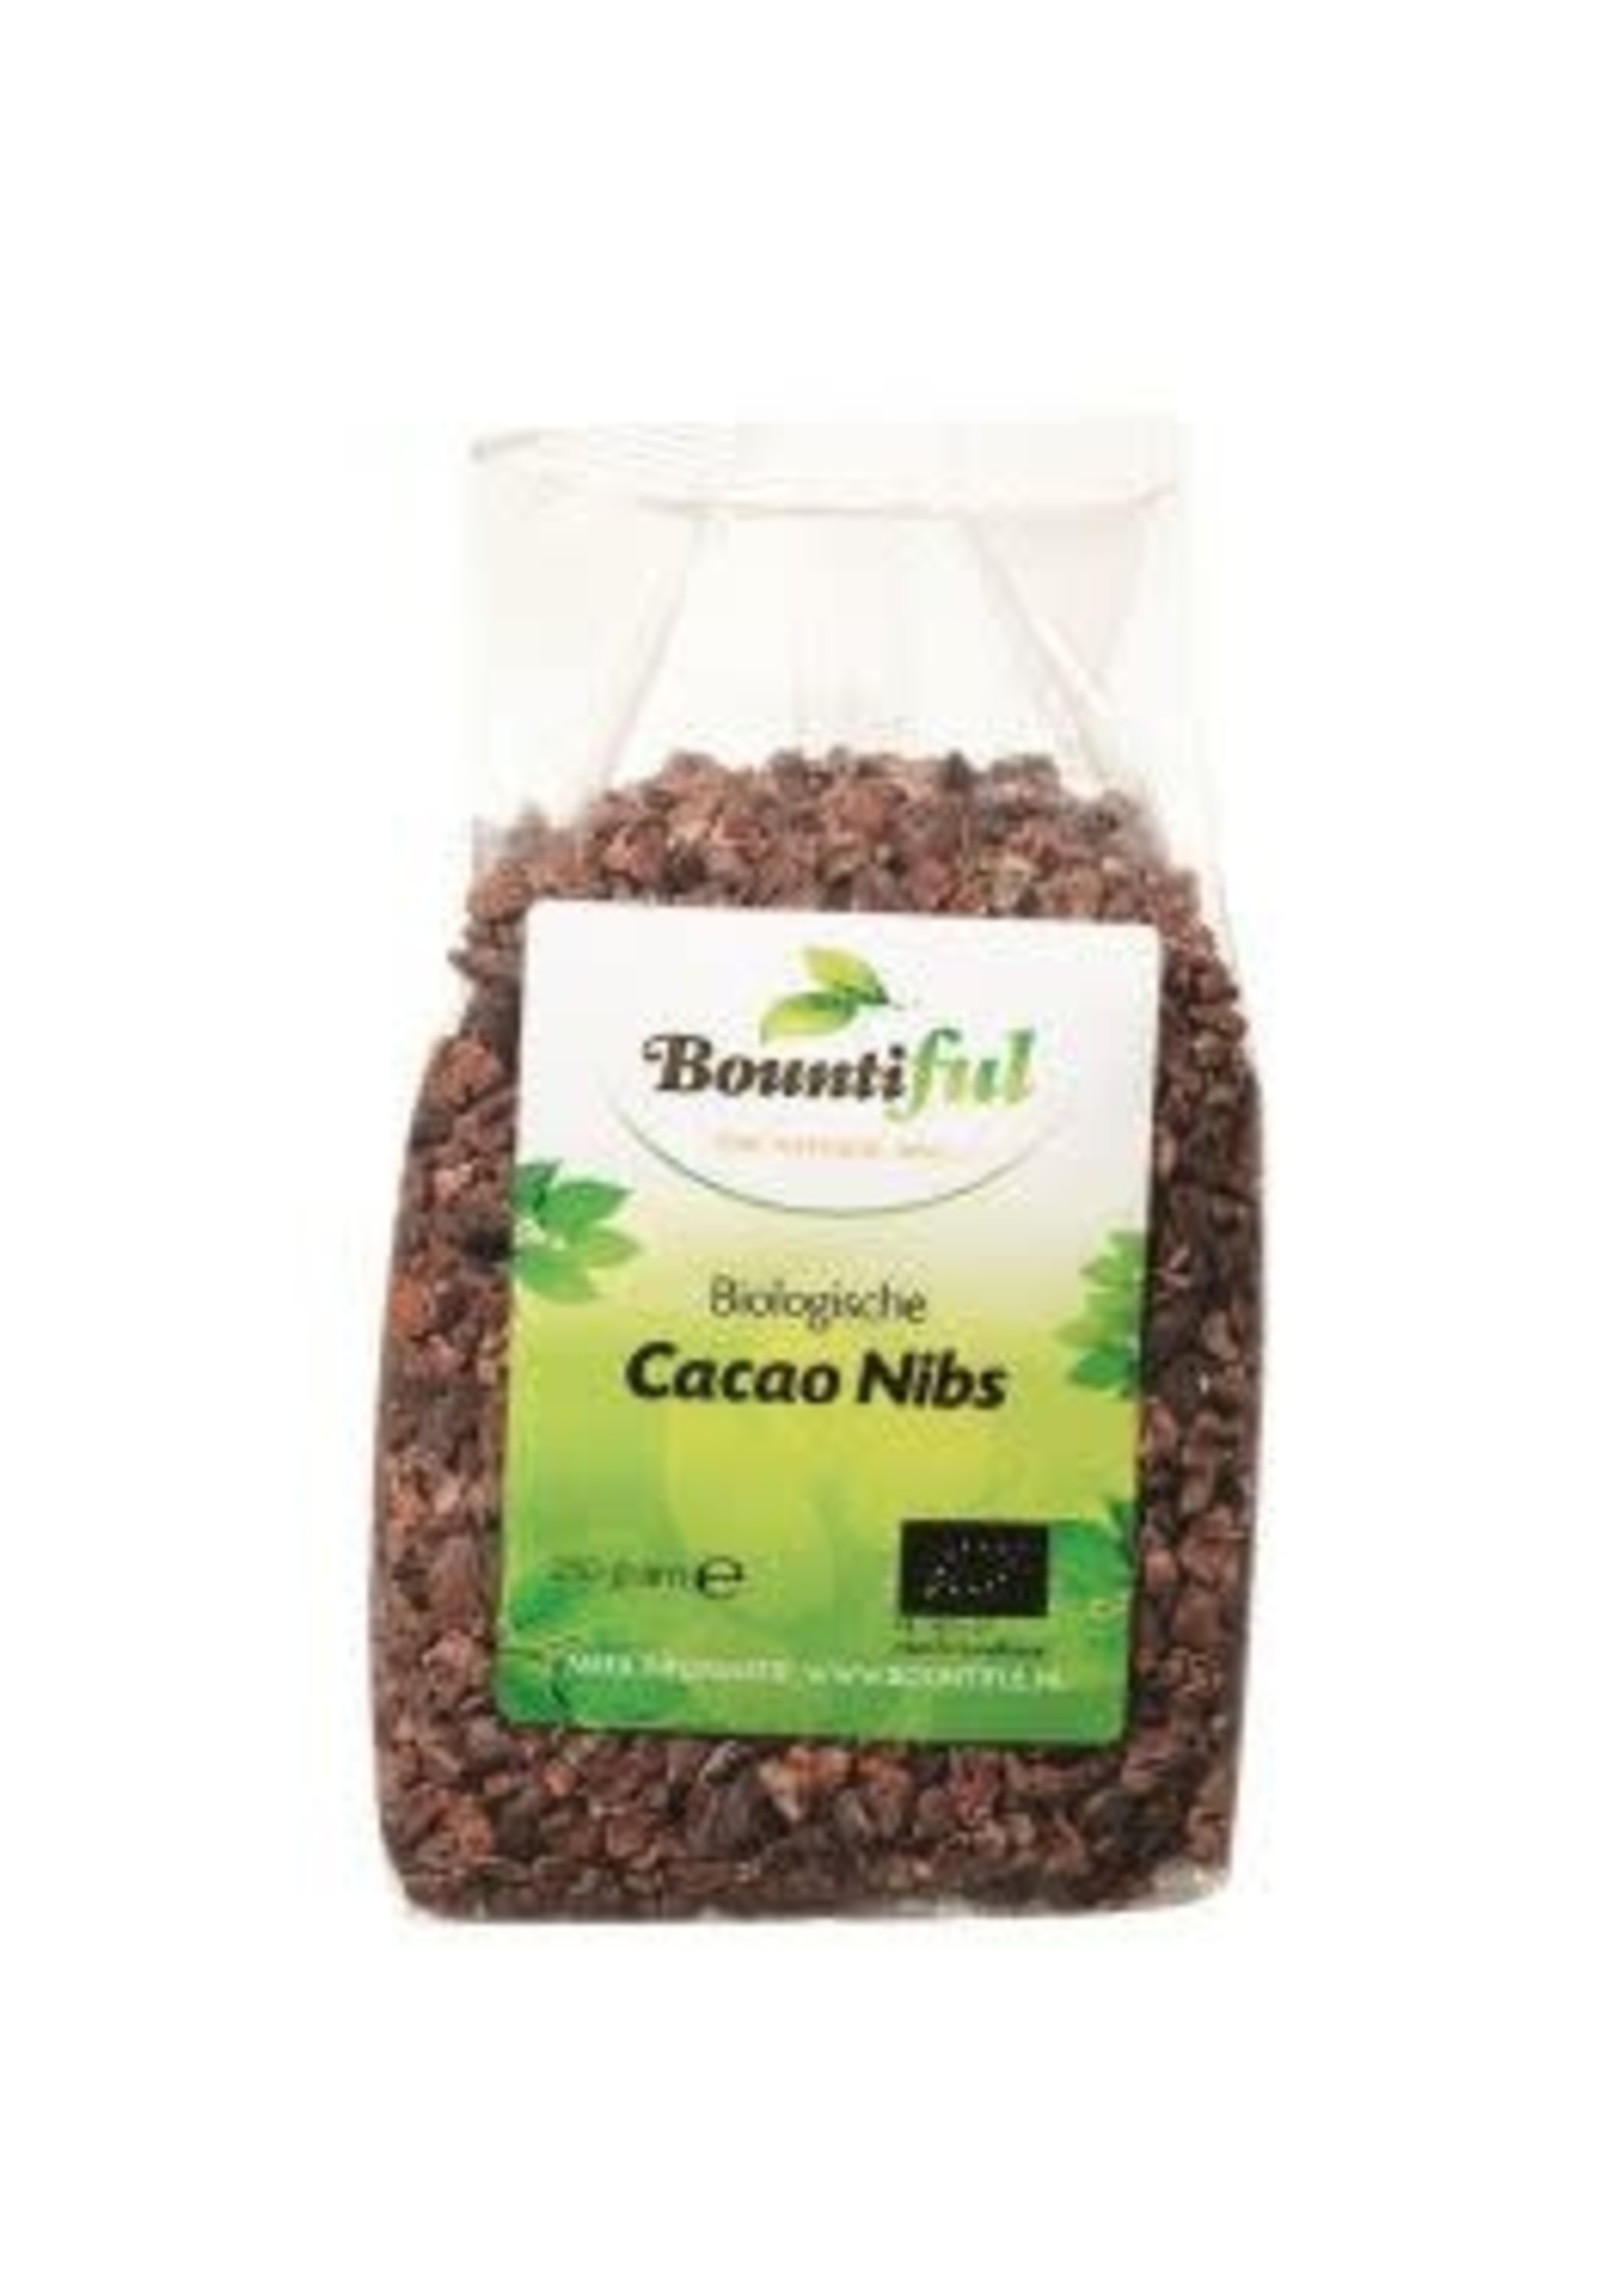 Bountiful Cacaonibs Bountiful